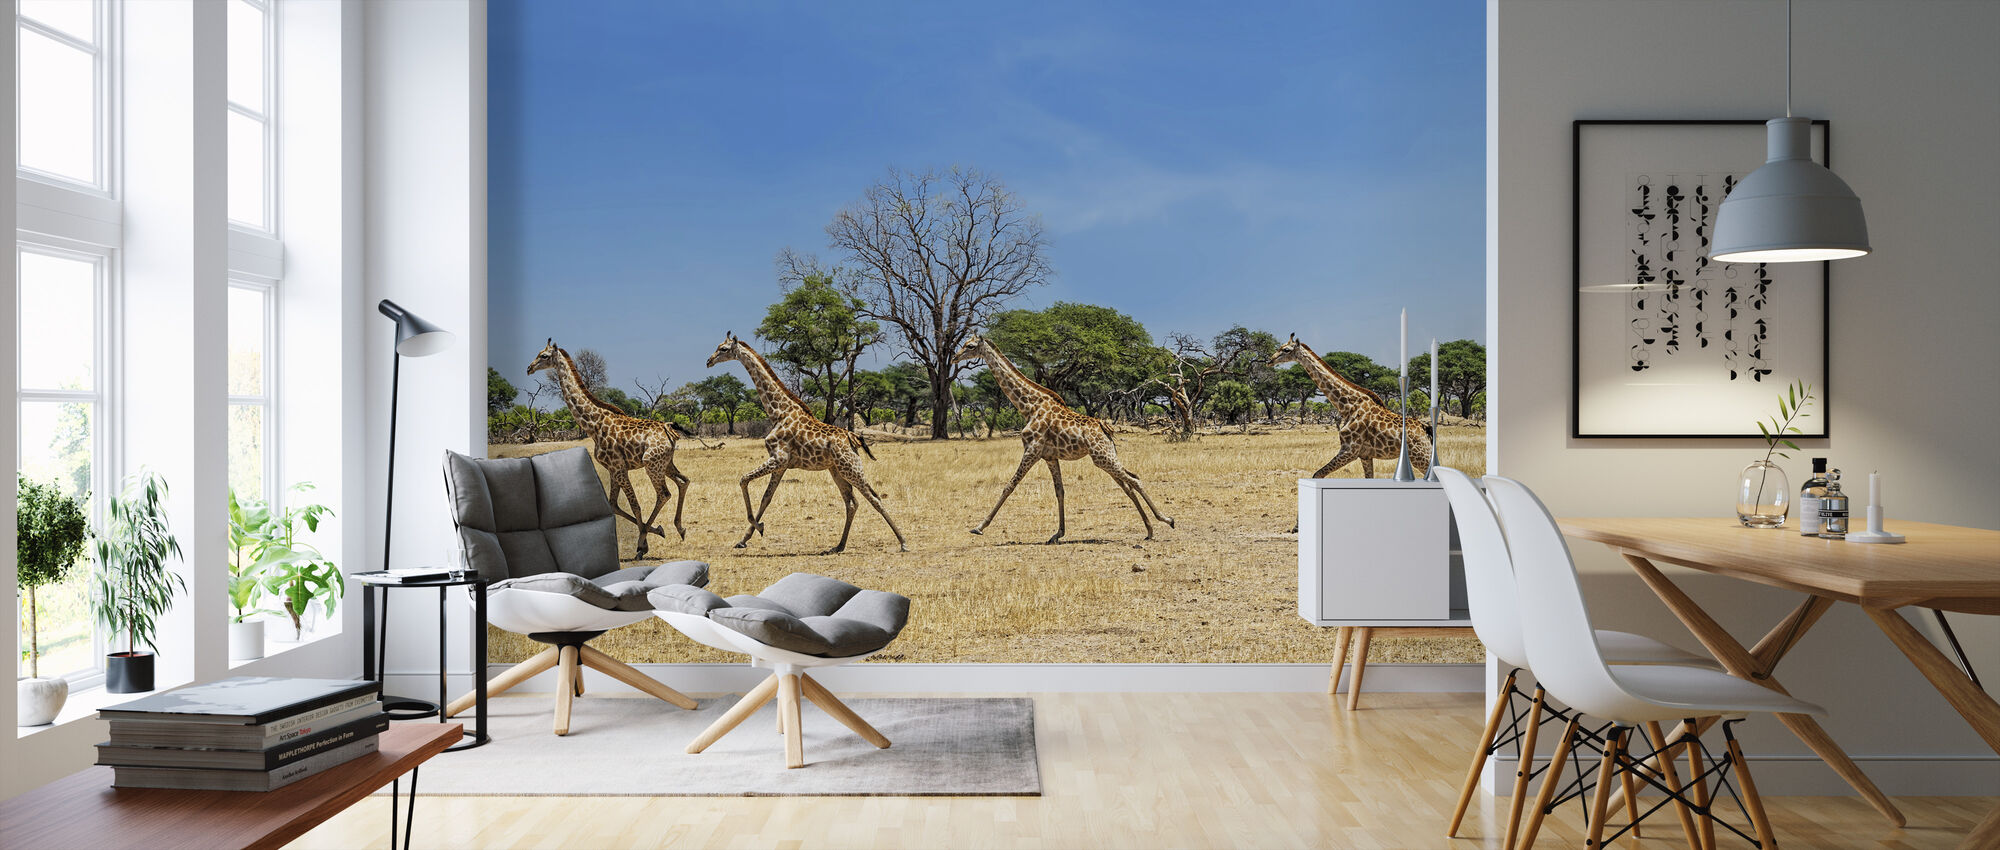 Giraffe Promenade - Wallpaper - Living Room